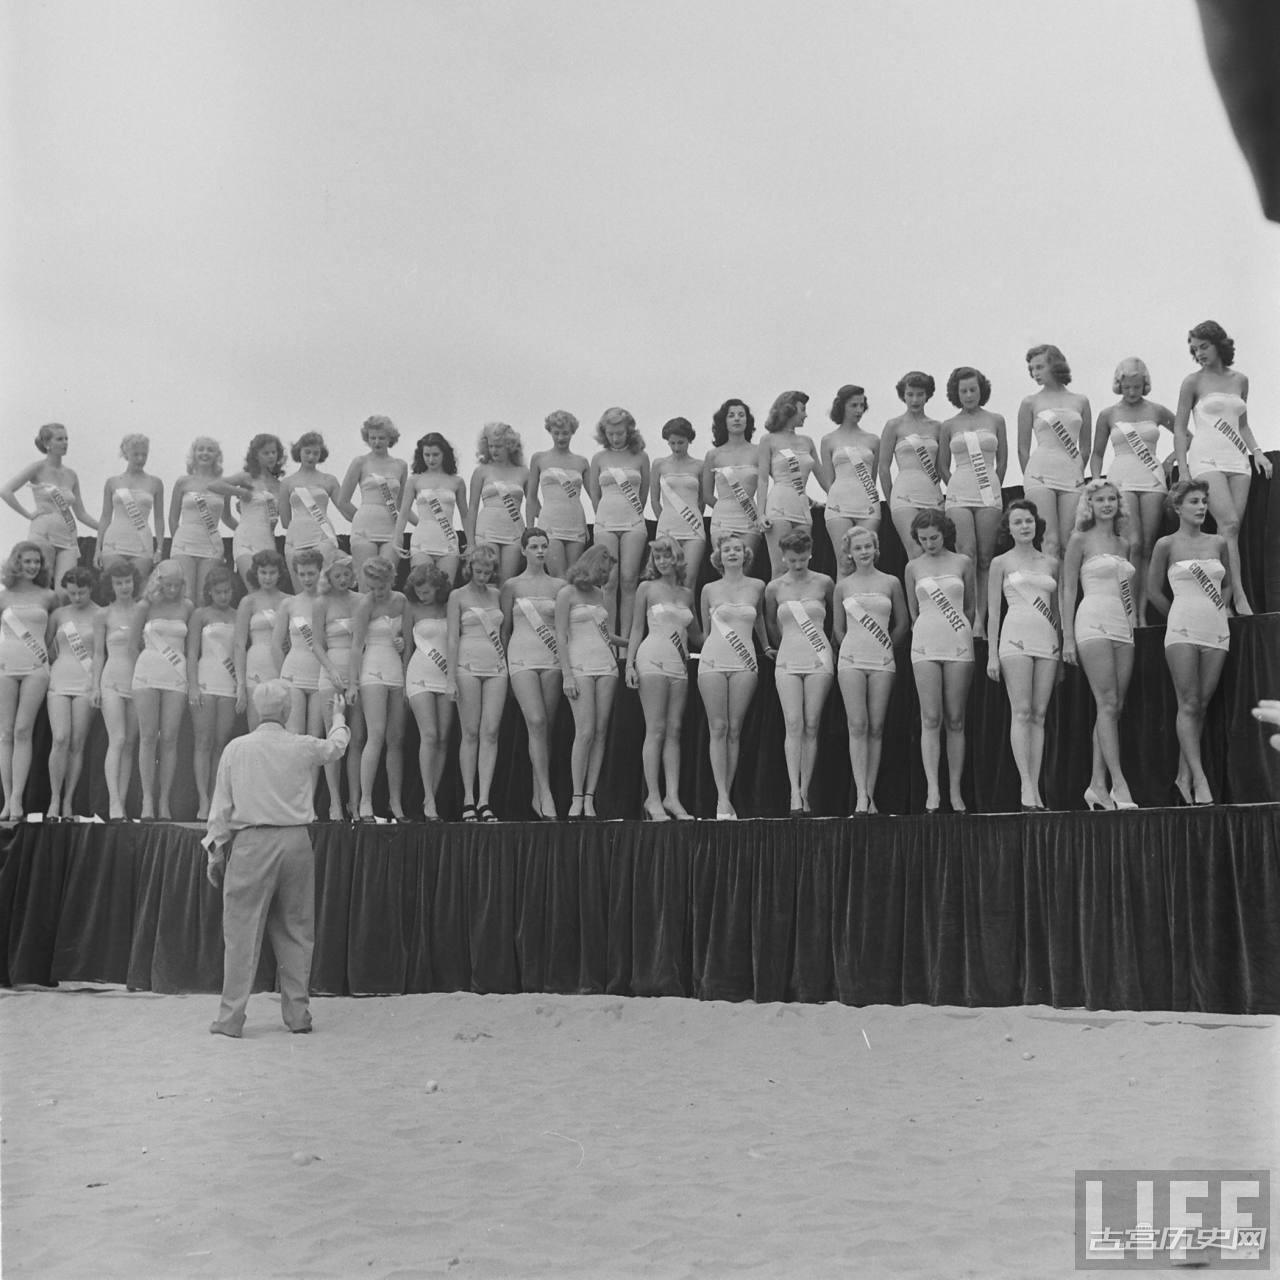 1952年首届世界环球小姐选美赛投降没几年的日本也参加了